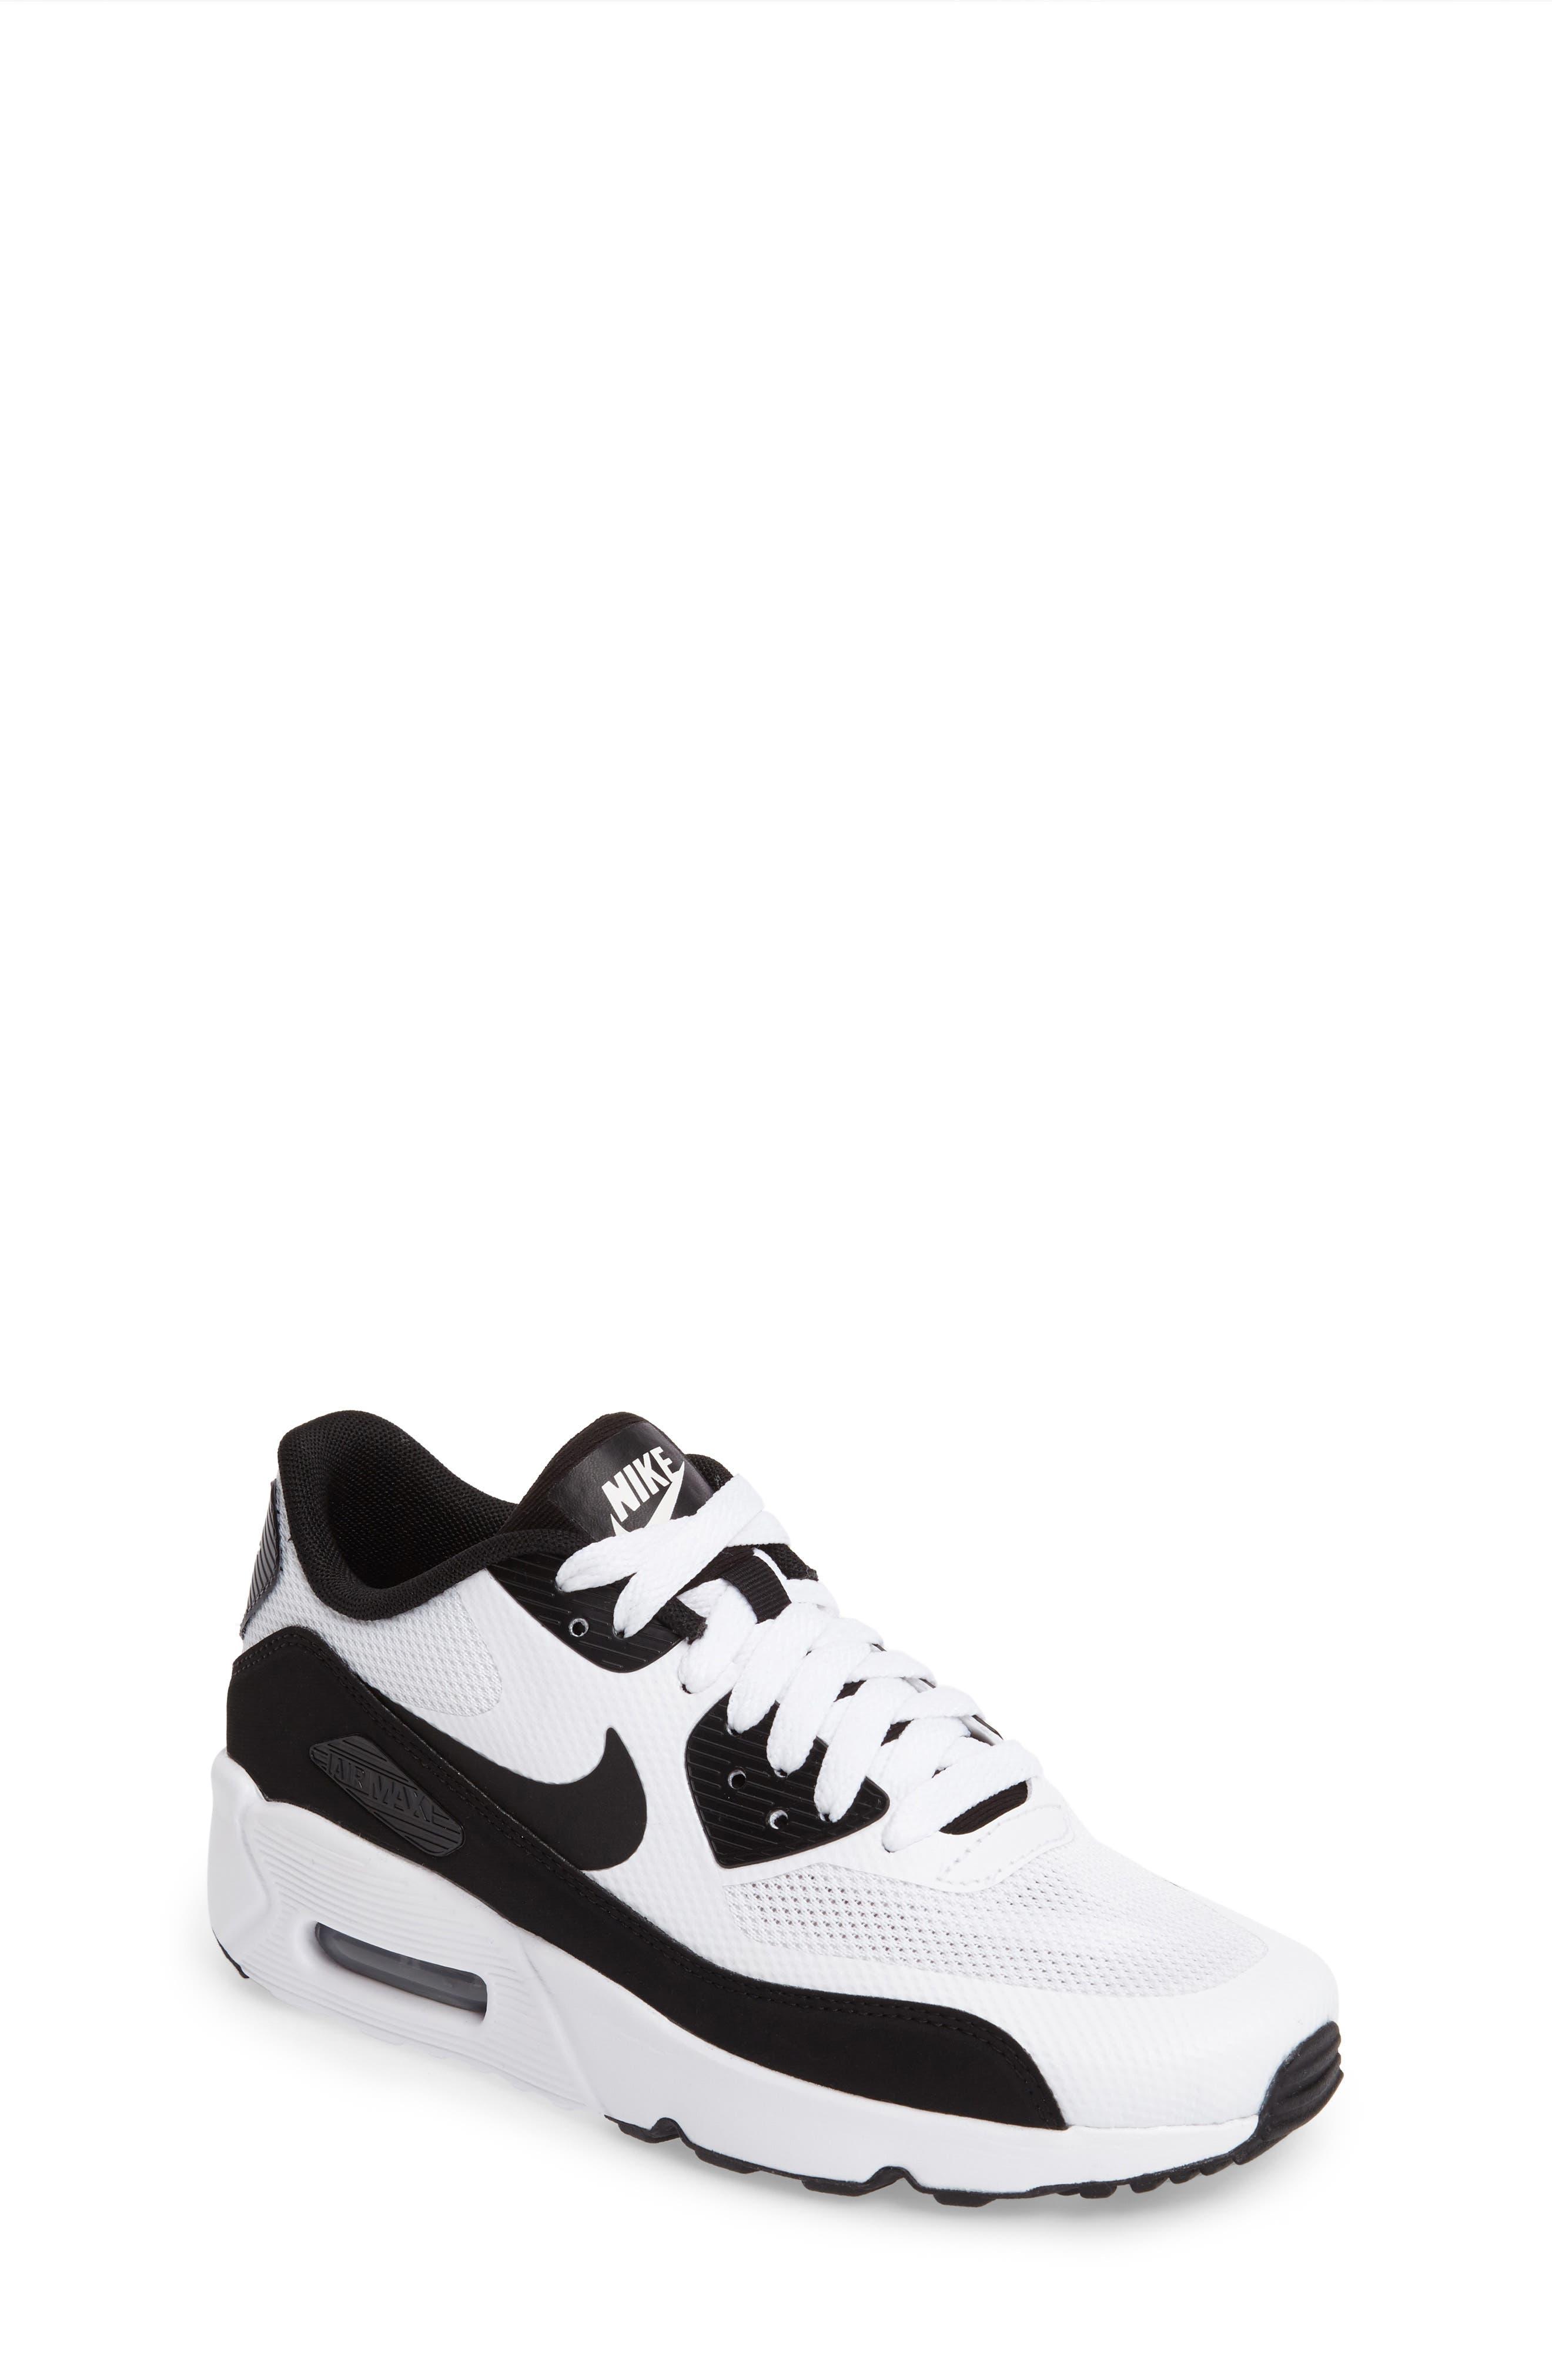 Main Image - Nike Air Max 90 Ultra 2.0 Sneaker (Big Kid)